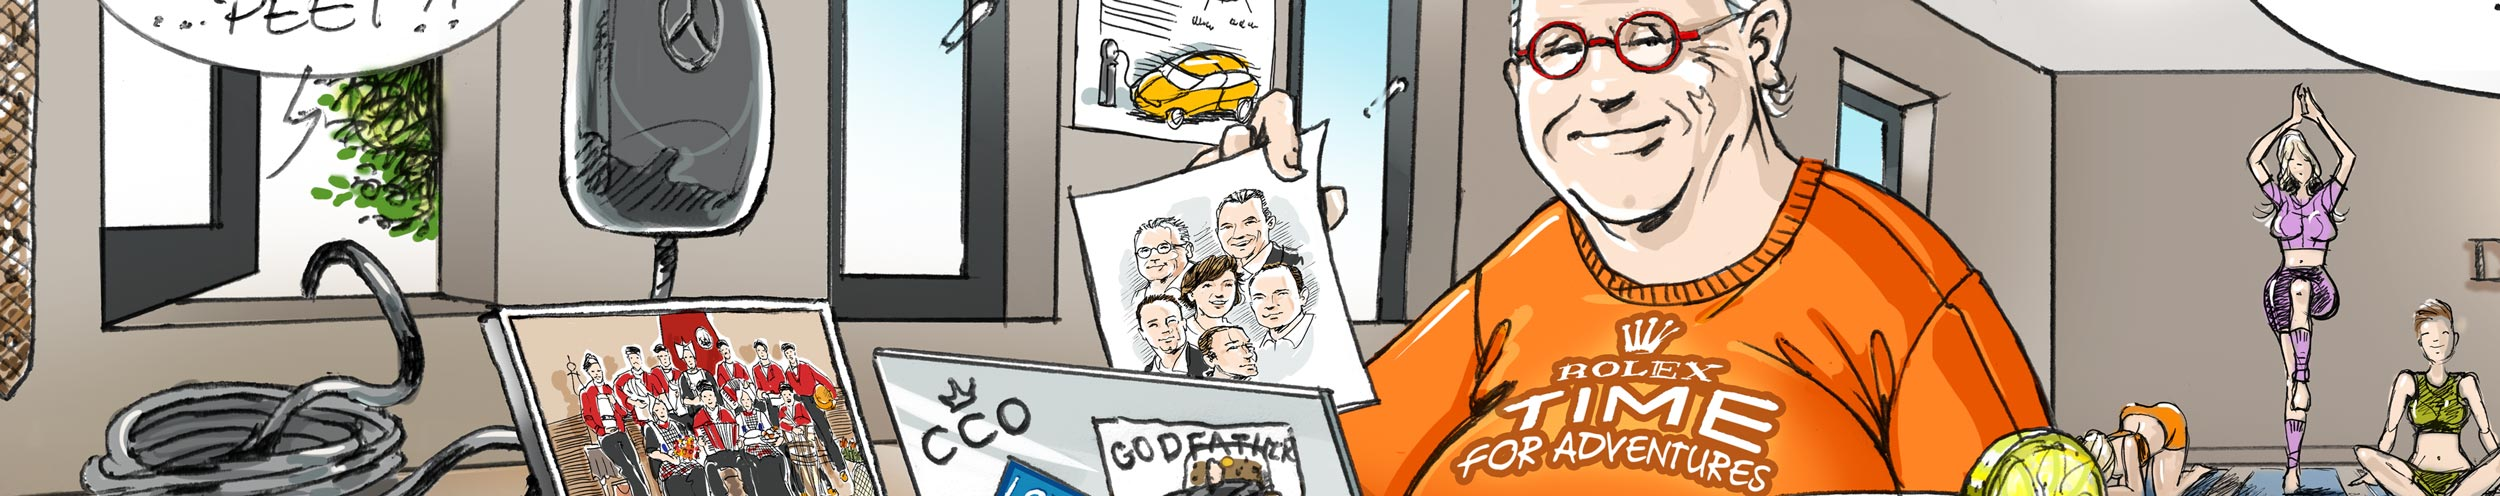 karikatuur-cadeau-banner-Peter-Derks-2